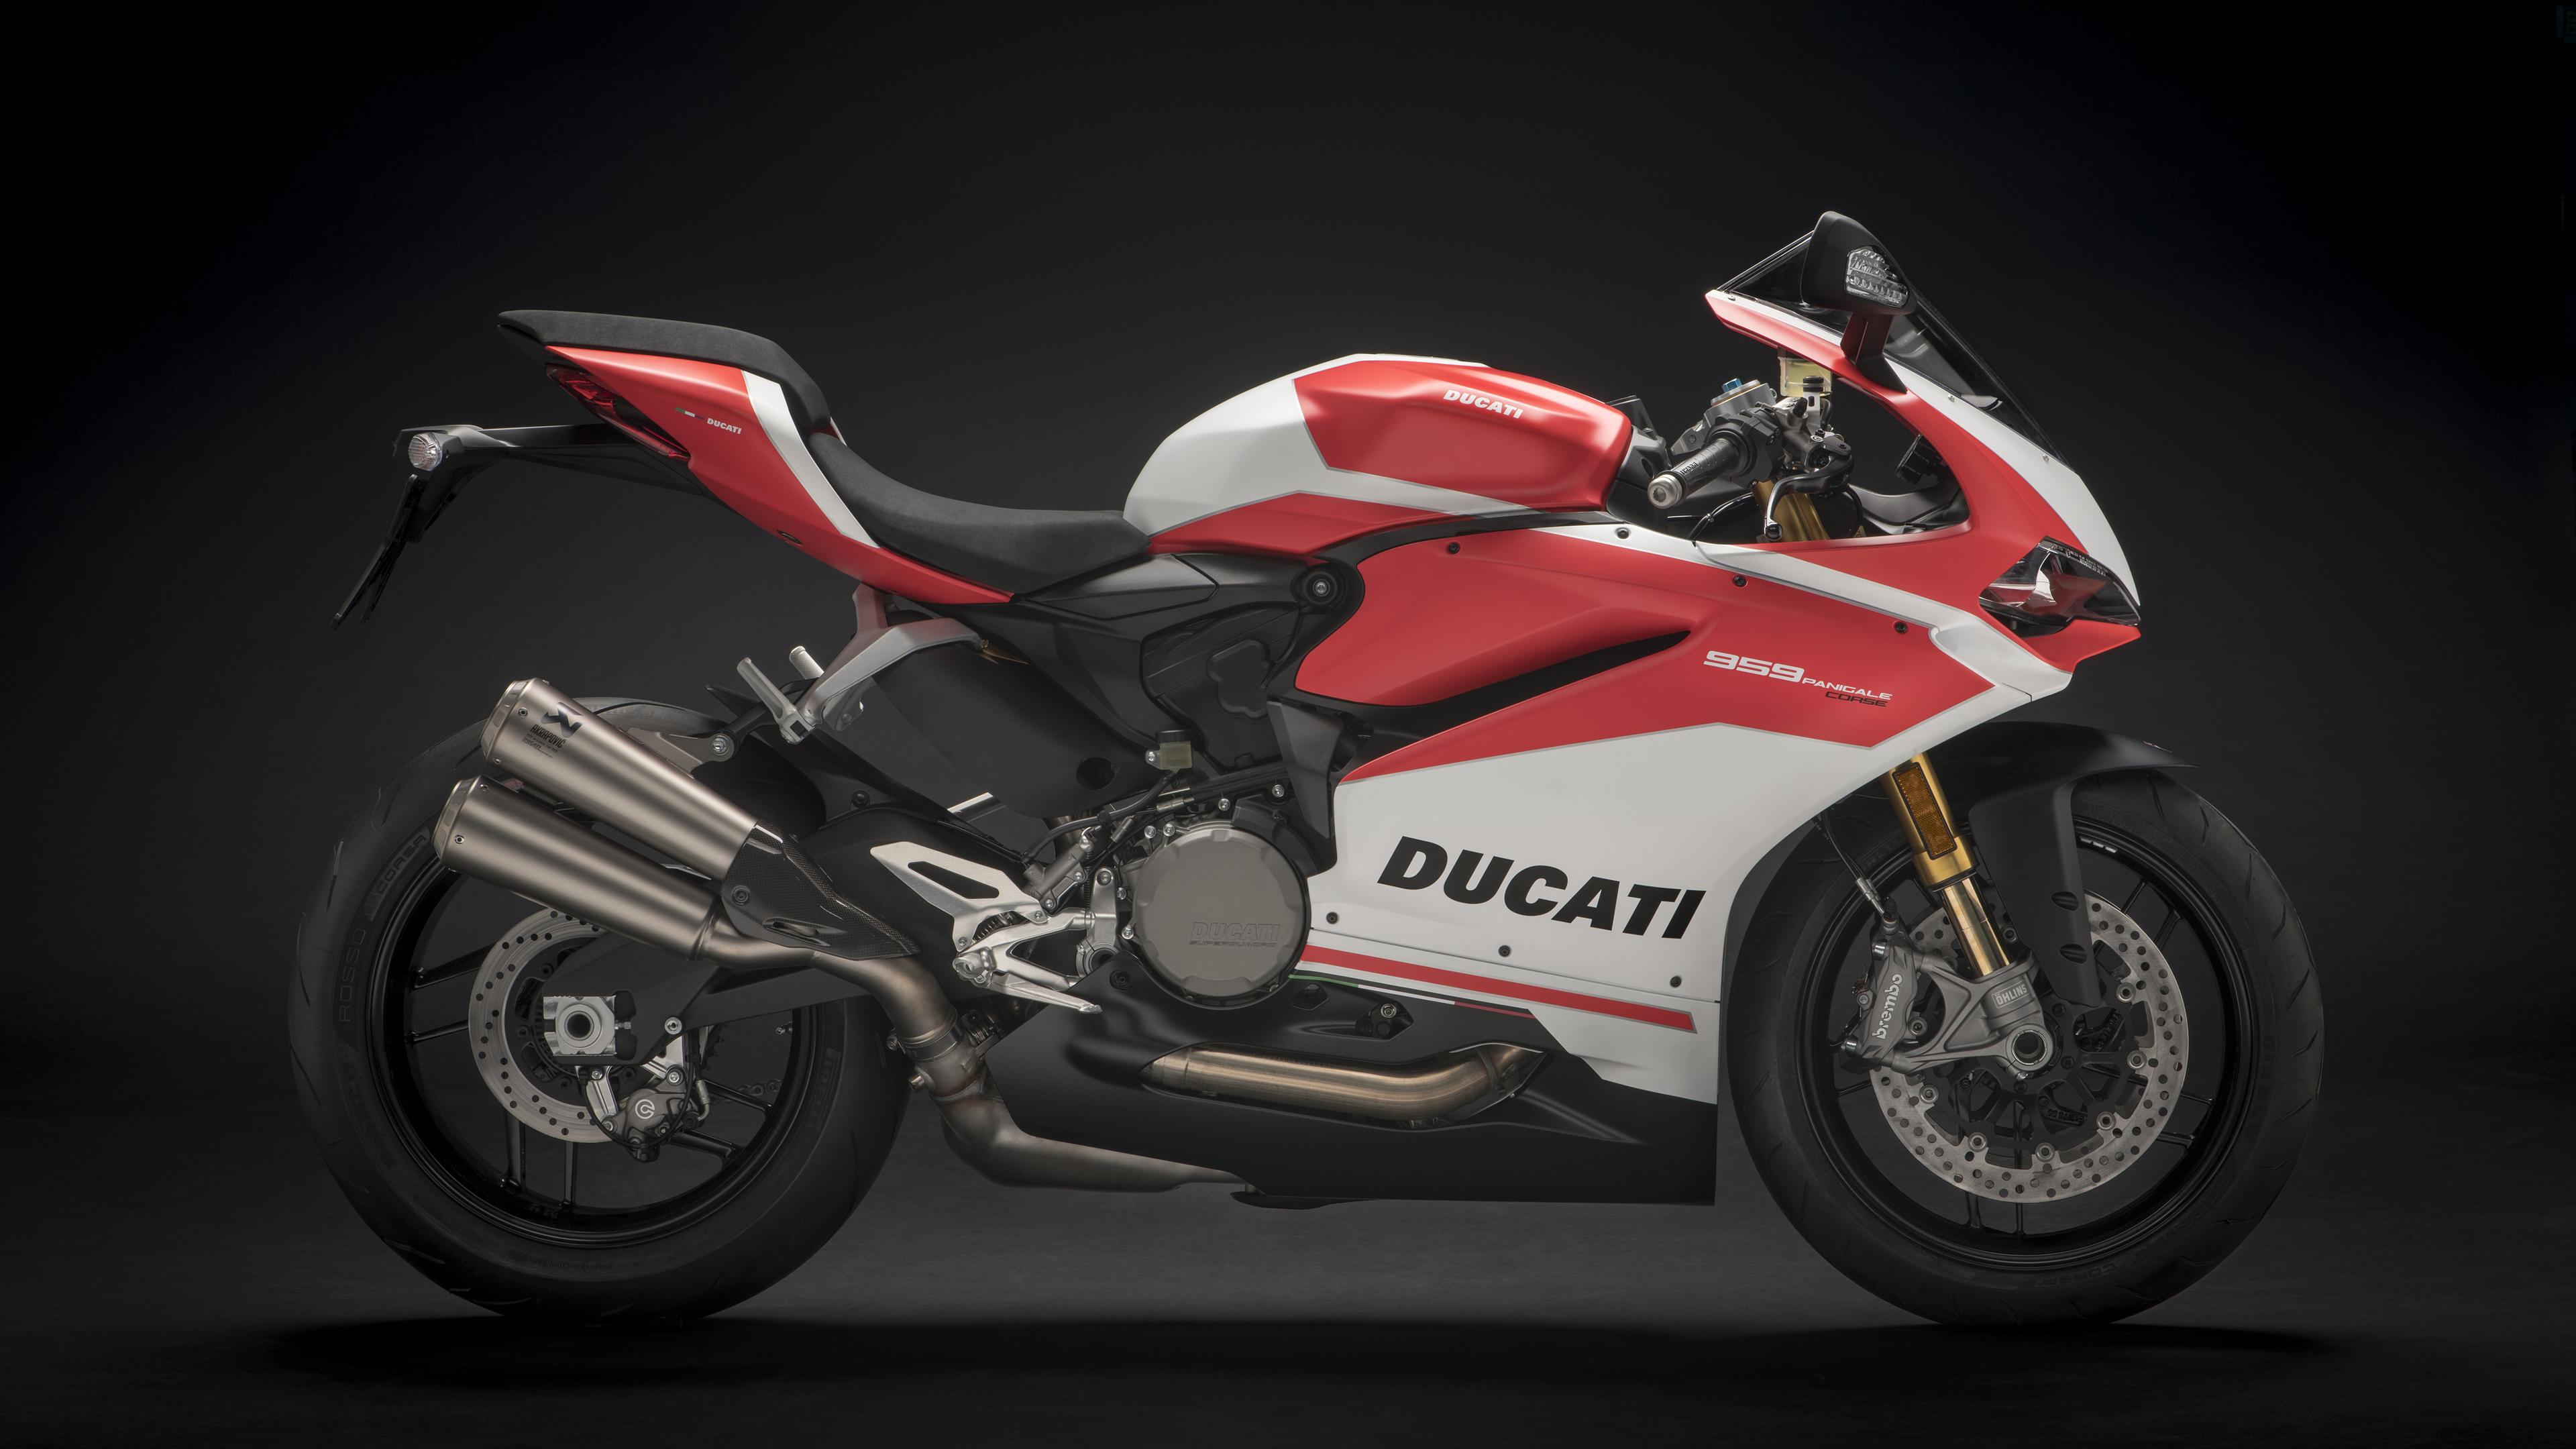 ducati panigale 959 4k 1536316485 - Ducati Panigale 959 4k - hd-wallpapers, ducati wallpapers, ducati panigale wallpapers, bikes wallpapers, 4k-wallpapers, 2018 bikes wallpapers